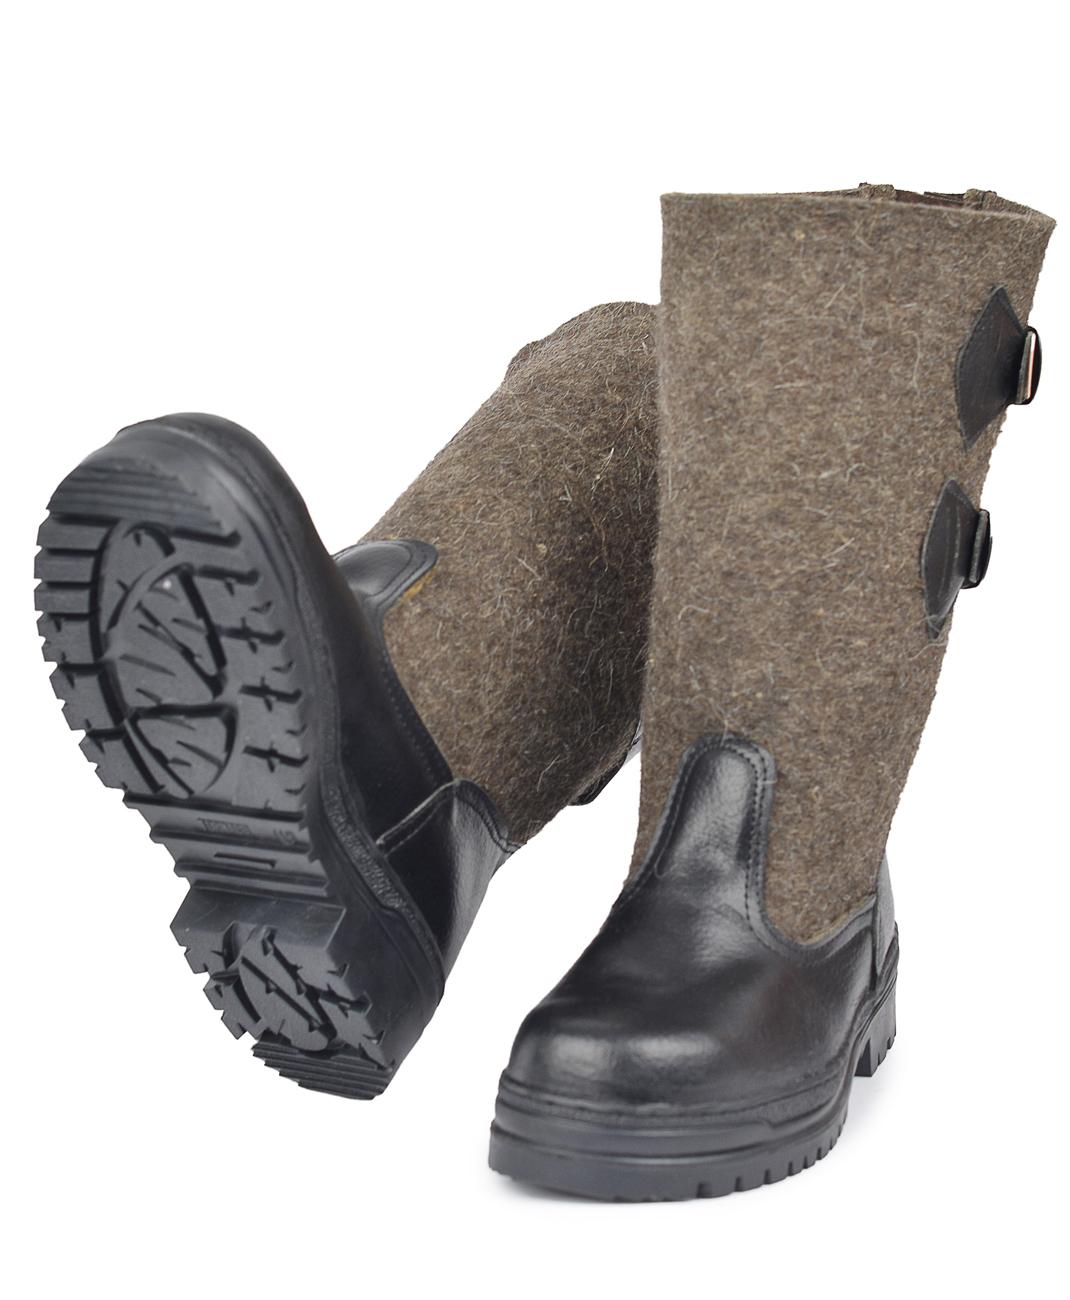 Сапоги войлочные Север LUX,ТЭП(TORNADO) (Неизвестная Сапоги для активного отдыха<br>Союзка и задник обшиты натуральной кожей, <br>что хорошо защищает ноги в слякотную погоду. <br>Предназначены для использования в условиях <br>пониженных температур. Сапоги изготовлены <br>из войлока (грубая натуральная овечья шерсть) <br>с маслобензостойкой подошвой(ТЭП) клеепрошивного <br>метода крепления. Отлично защищают ноги <br>от пониженных температур, нефтепродуктов <br>и общих производственных загрязнений. Голенище <br>разрезное, с задней стороны располагается <br>клин с двумя кожаными регулируемыми застежками, <br>которые позволяют заправлять низ брюк внутрь <br>сапог и затягивать по ноге. Незаменимы в <br>использовании во всех климатических поясах, <br>сохранили в себе все лучшие свойства натуральных <br>валенок, так популярных у нас в стране. А <br>в условиях дефицита и дороговизны последних, <br>являются хорошей альтернативой валенкам. <br>Войлочные сапоги могут быть использованы <br>в различных отраслях промышленности, строительстве, <br>сельском хозяйстве, складском или коммунальном <br>хозяйстве. Высота: 31см<br><br>Пол: мужской<br>Сезон: зима